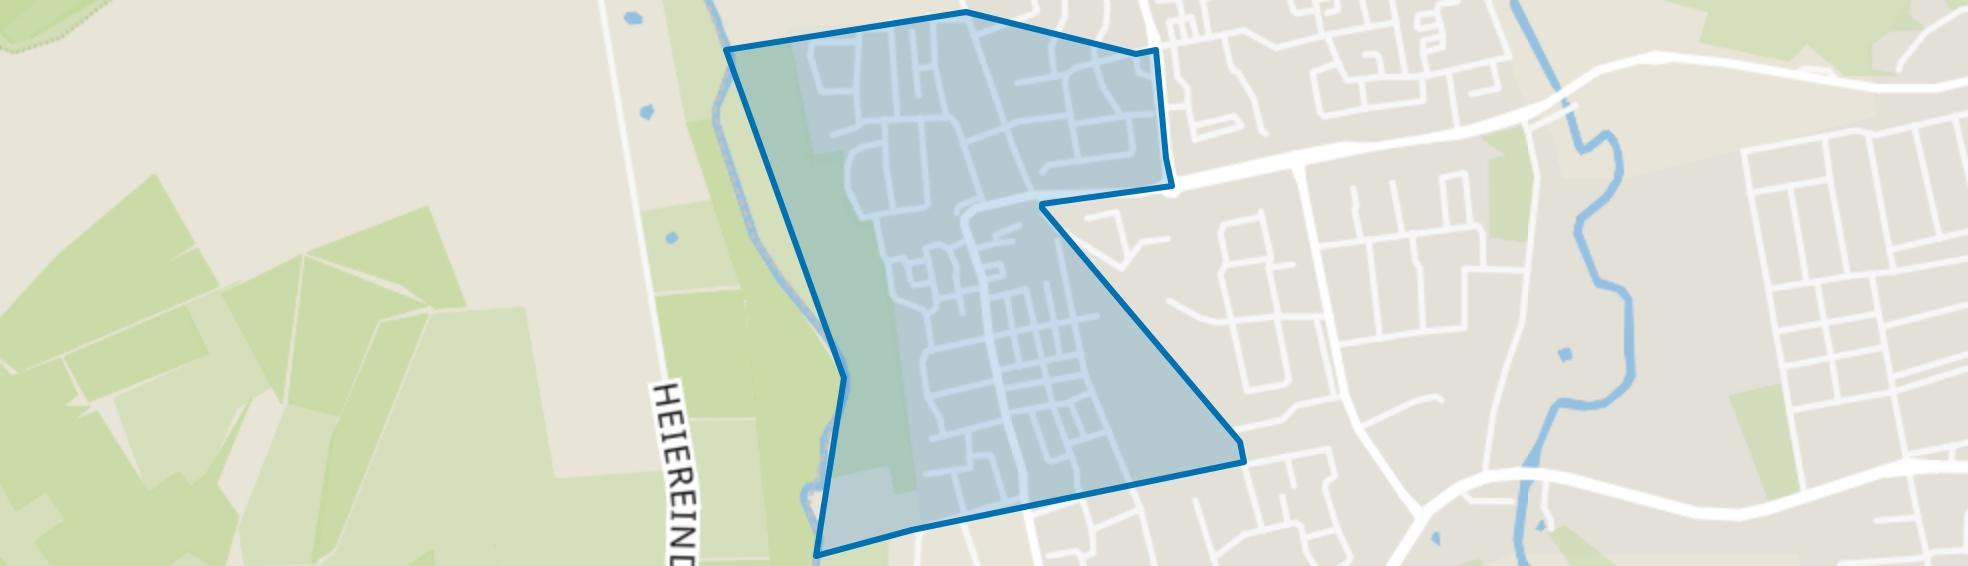 Brouwershof, Valkenswaard map